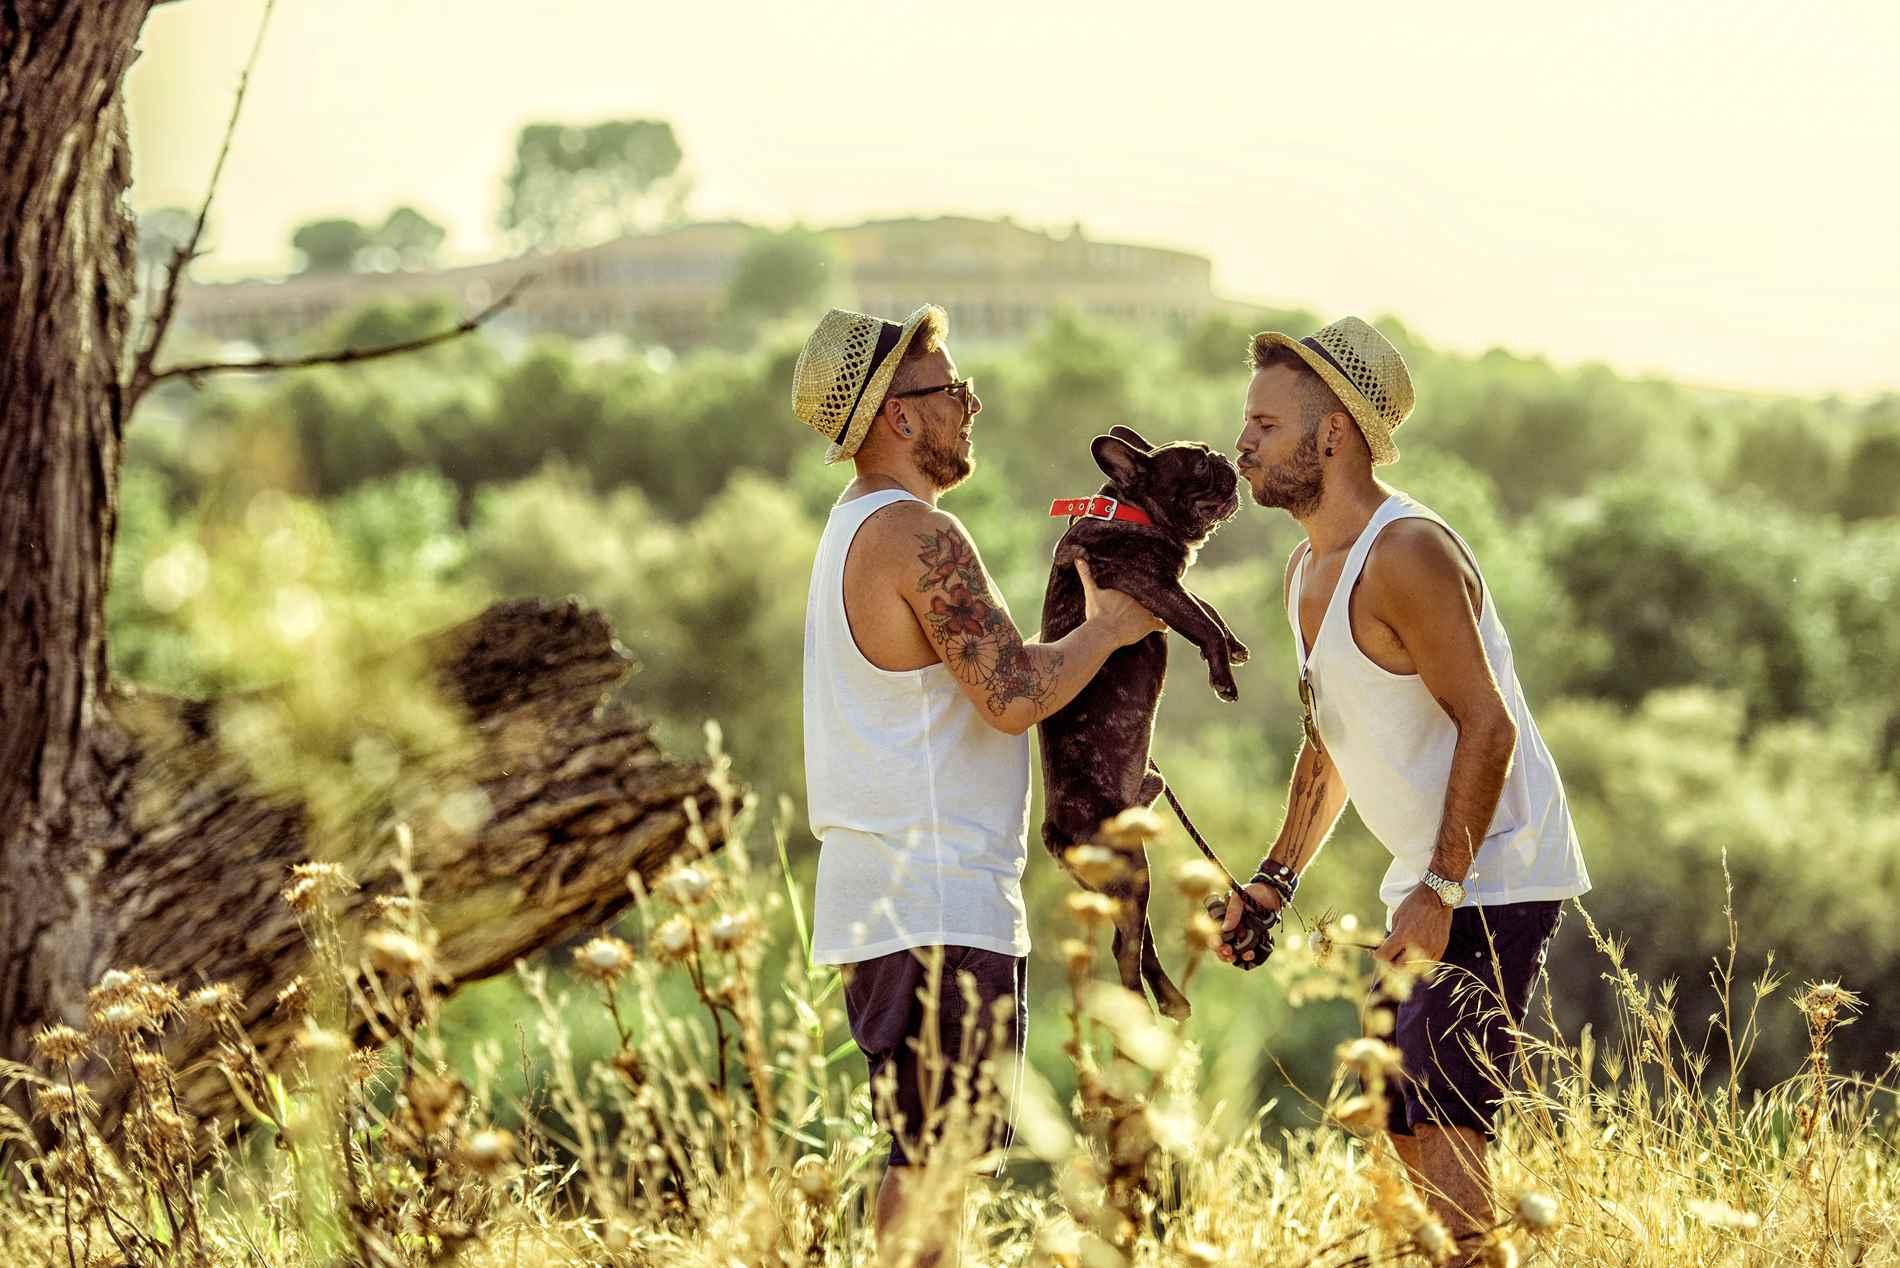 parejas GAYS con perro